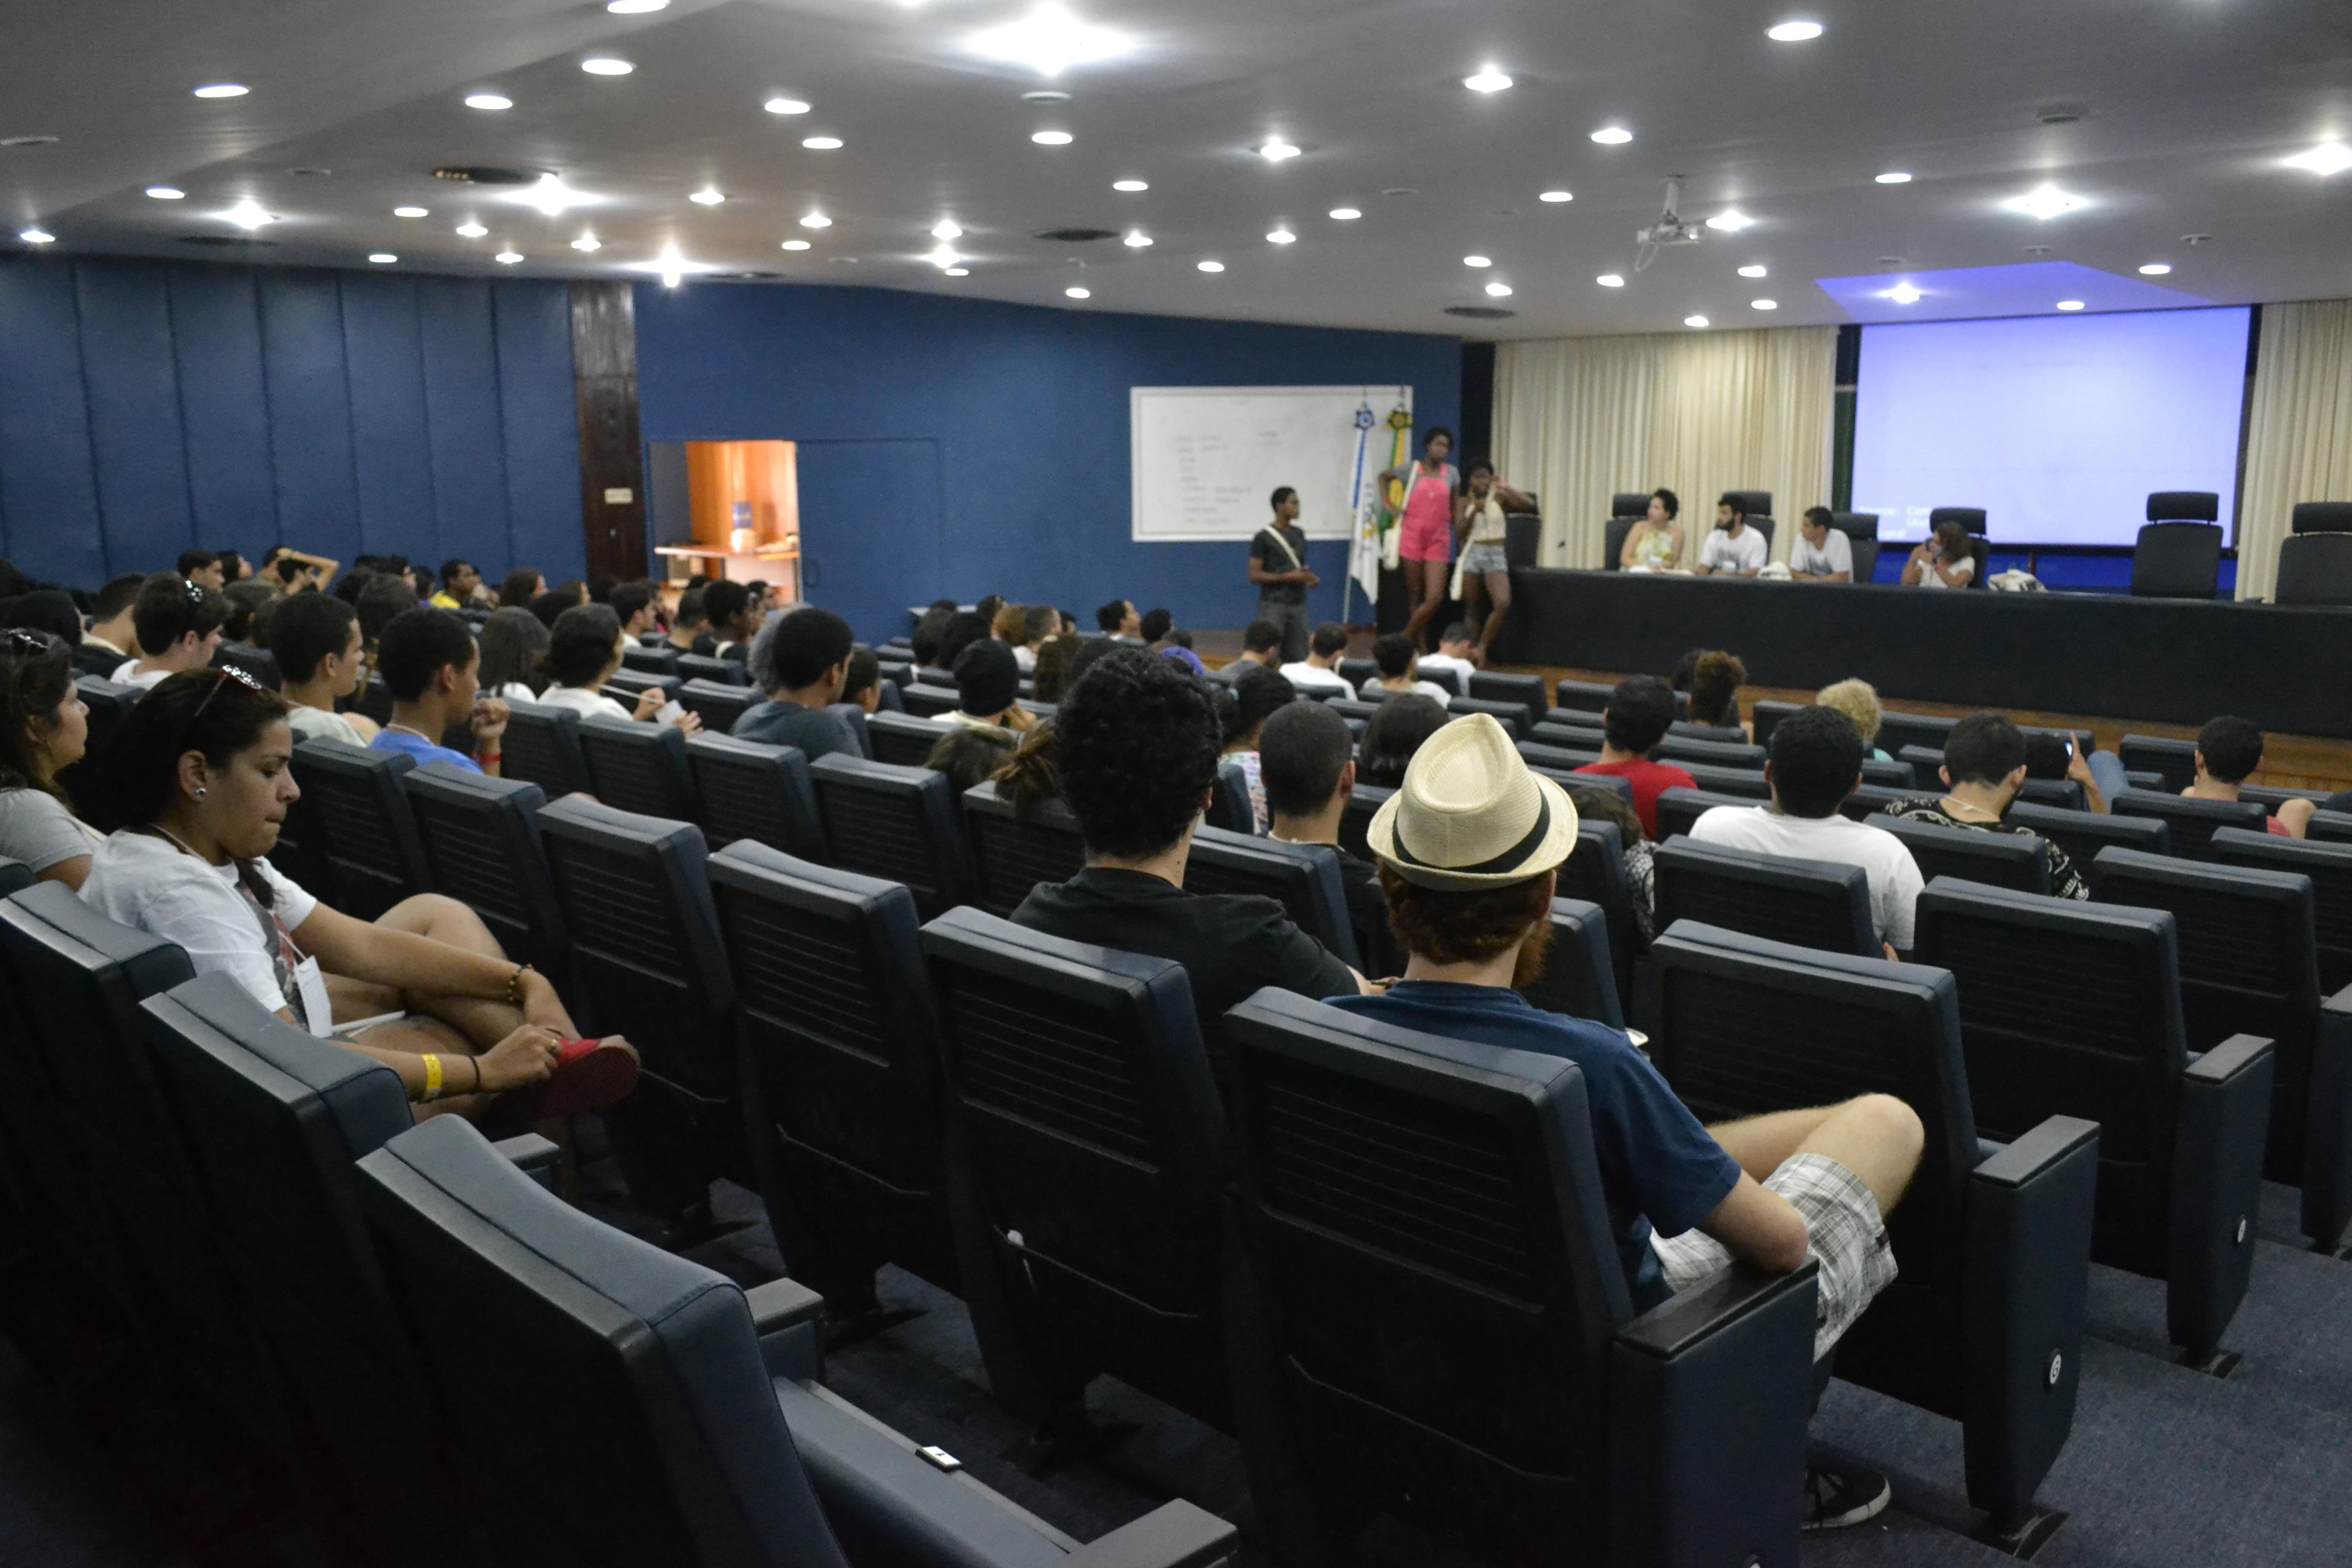 Estudantes de todo o país se reuniram para debater movimento estudantil. (Letycia Nascimento/PROGRAD)